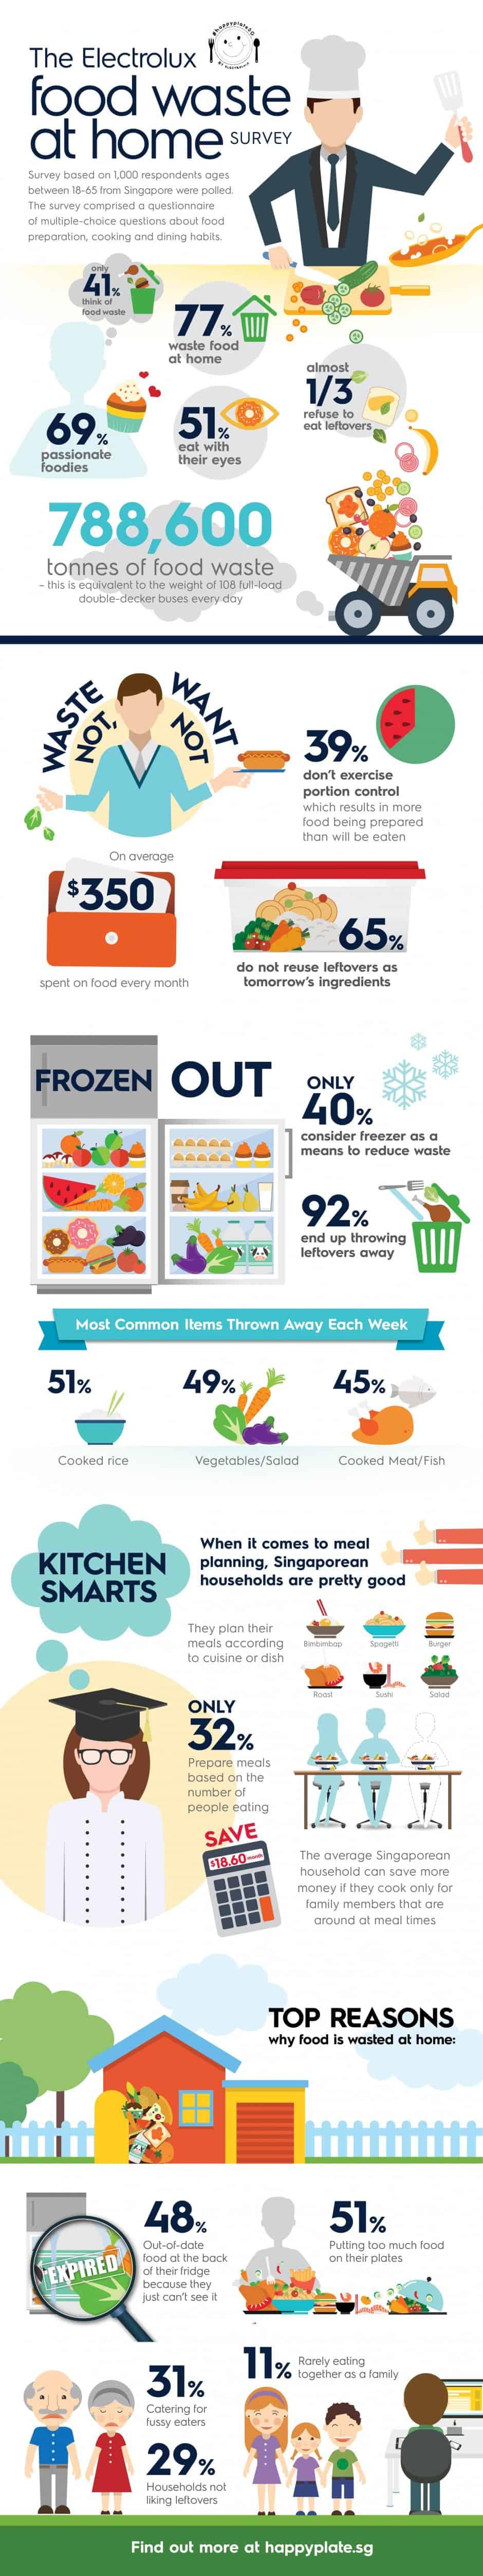 happyplate-survey-infographic